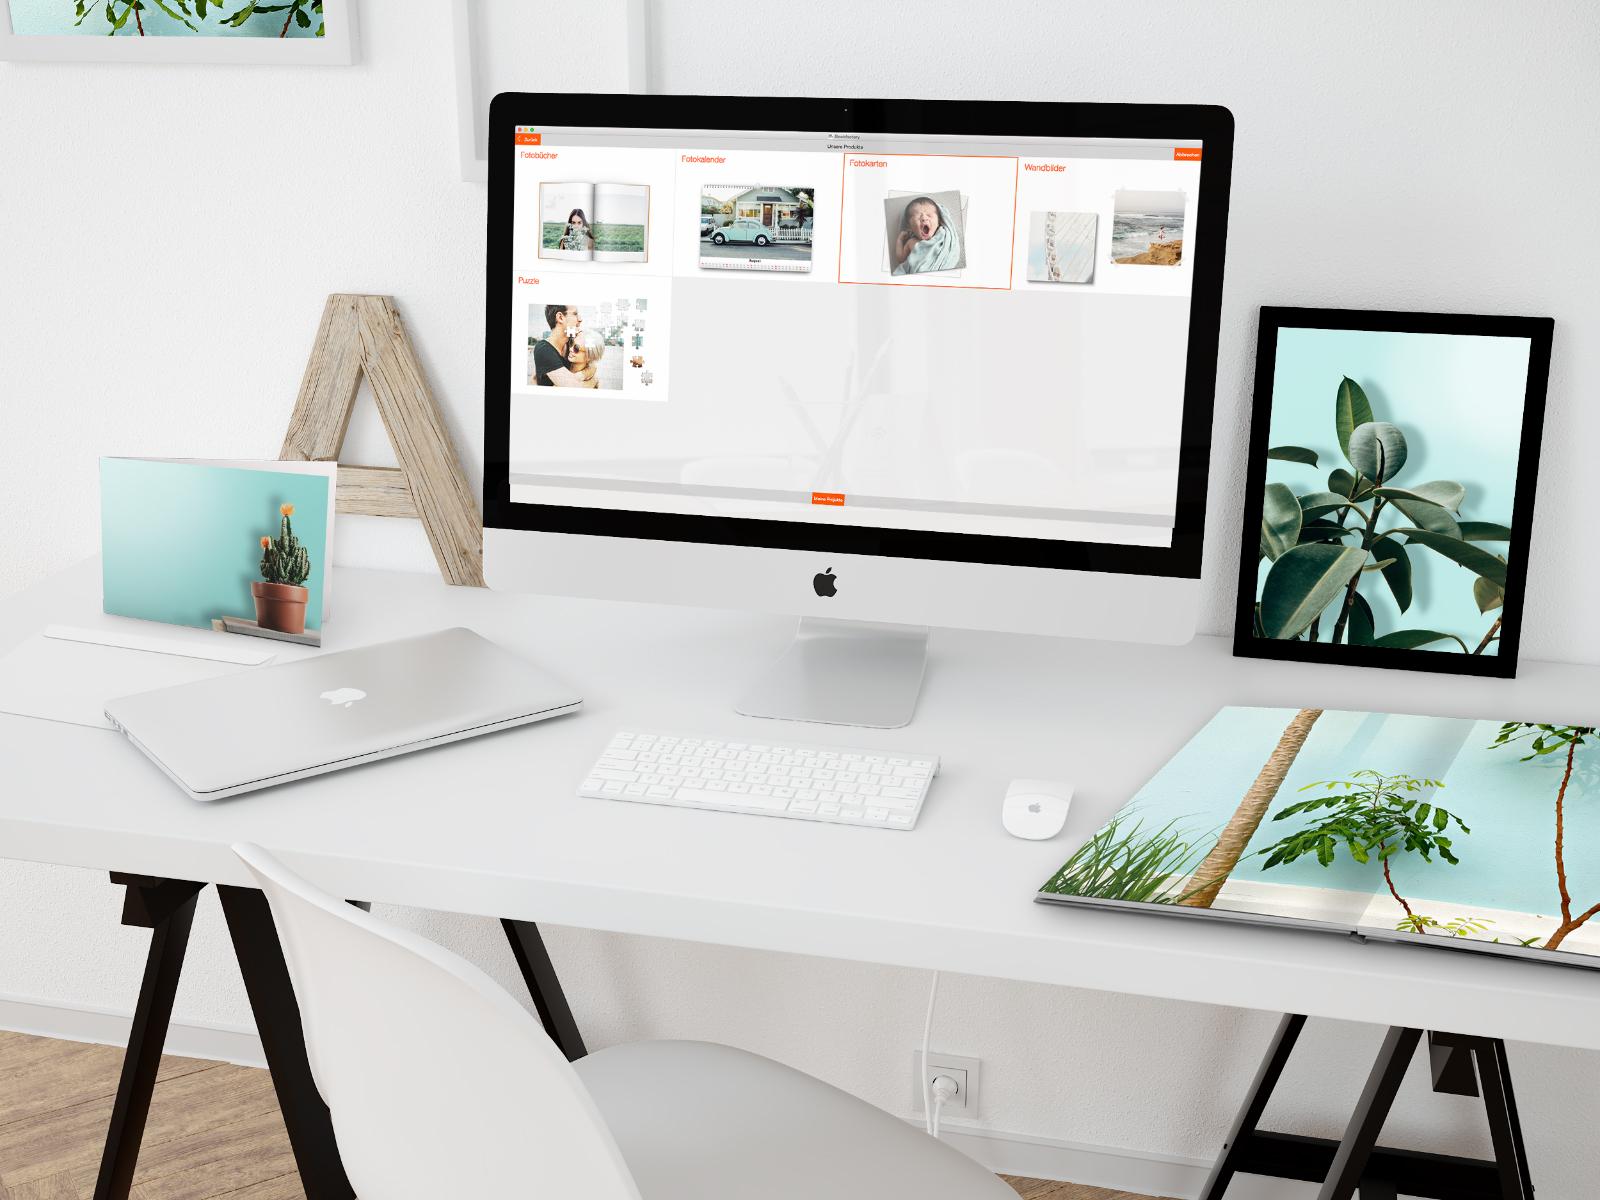 46038899_workpace-mockup-template.jpg